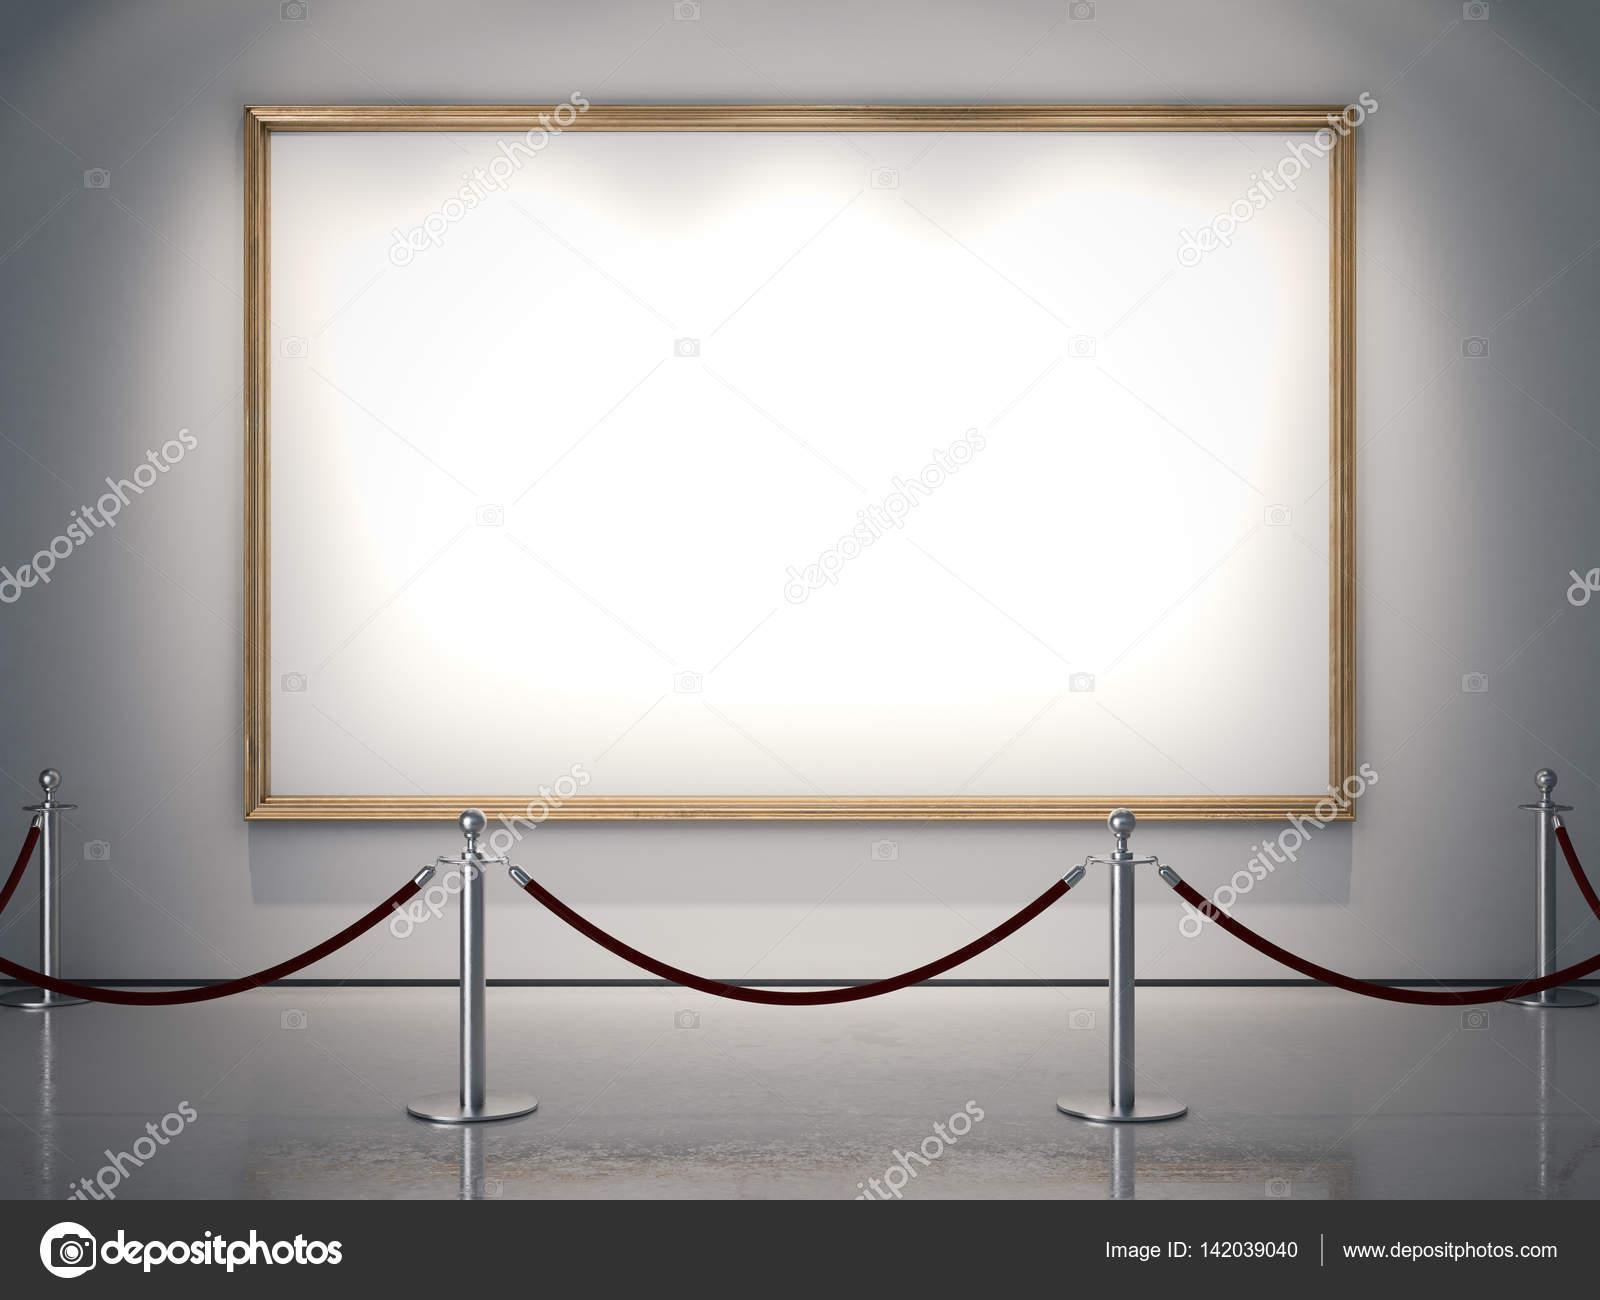 Marco de oro grandes en la pared blanca. Render 3D — Foto de stock ...